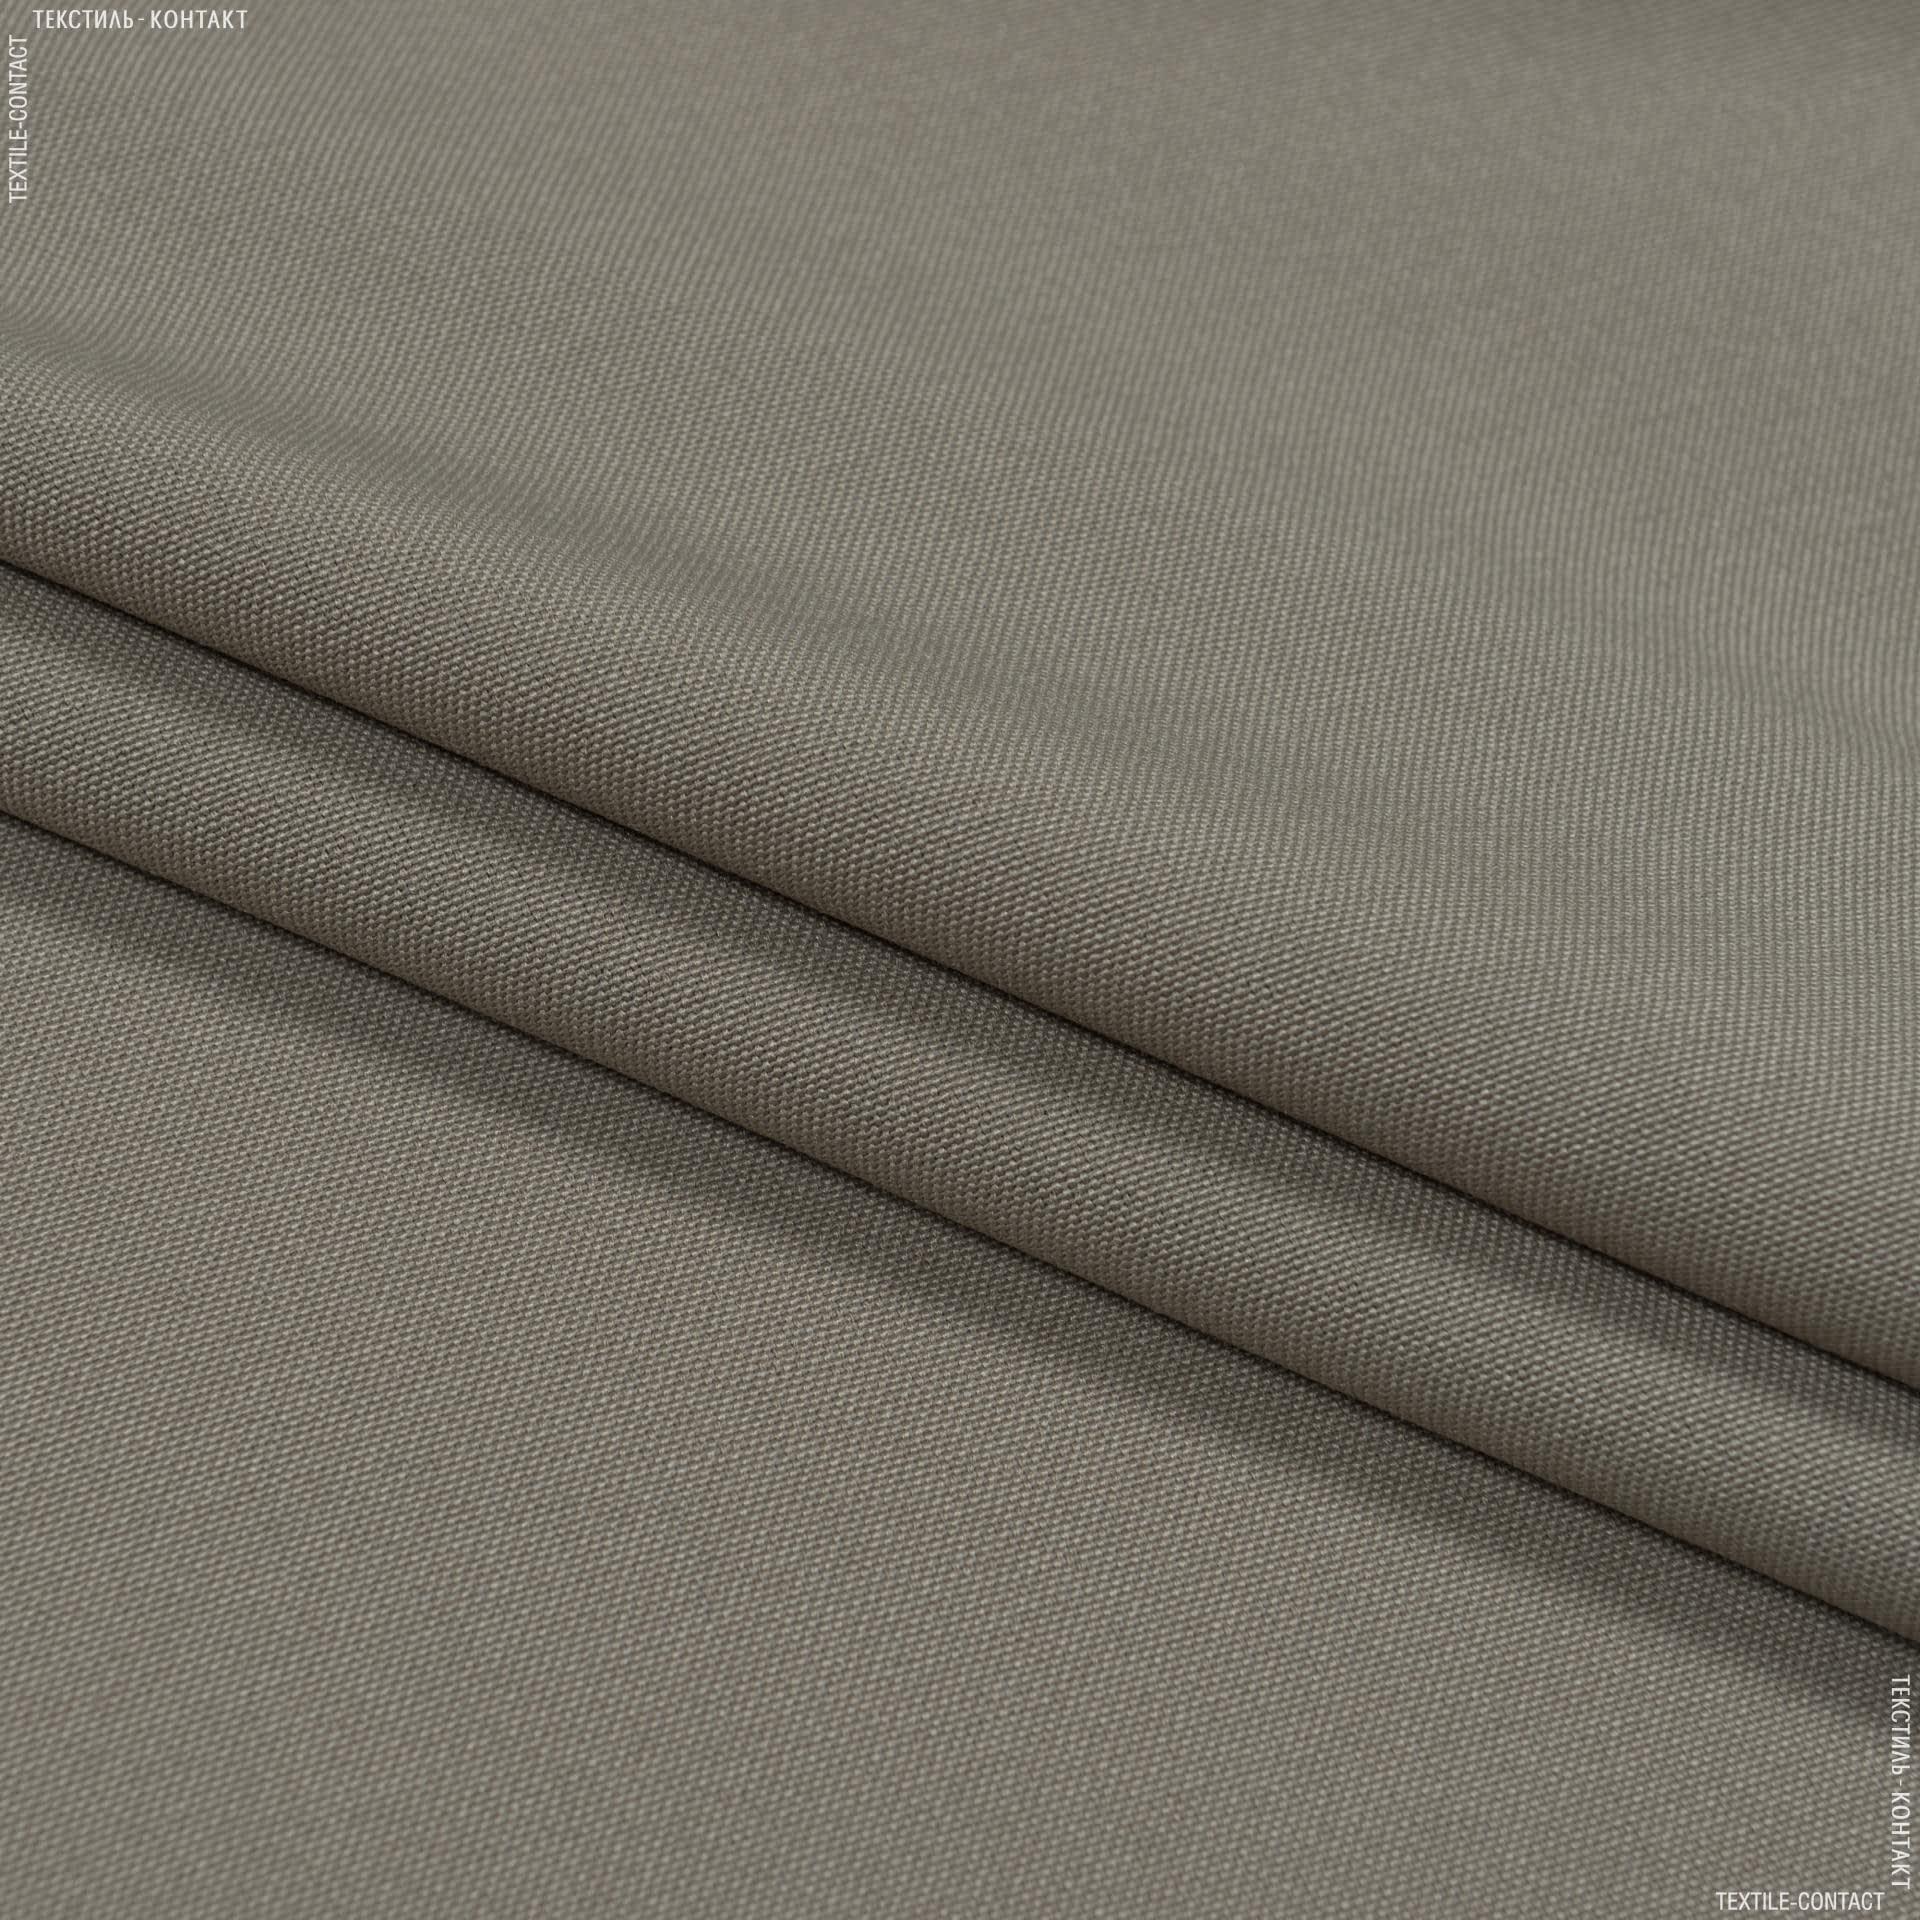 Ткани портьерные ткани - Легенда мокрый песок